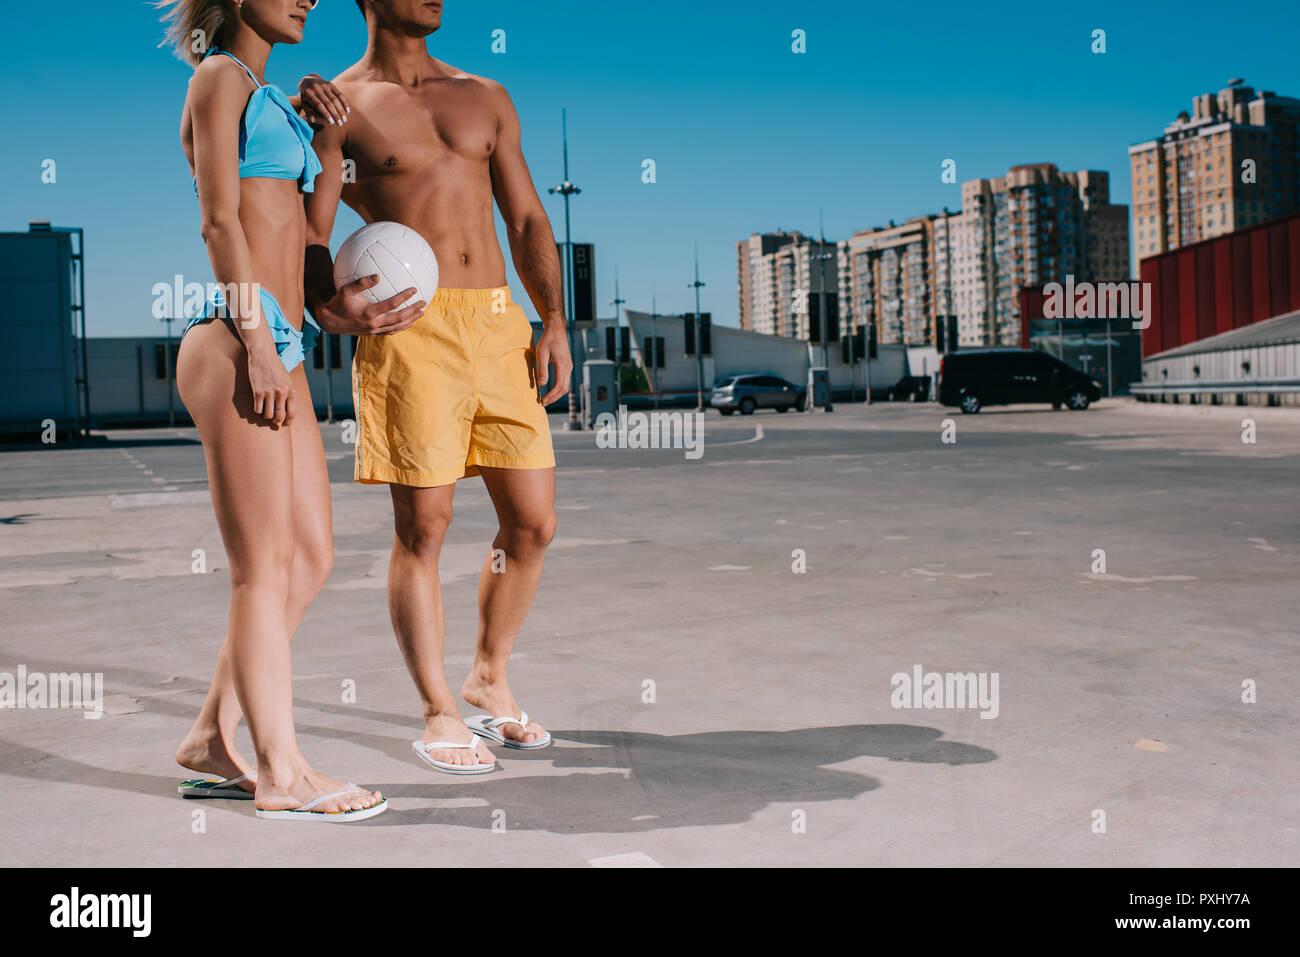 Captura recortada de pareja joven en ropa de playa con voleibol ball en aparcamiento Imagen De Stock